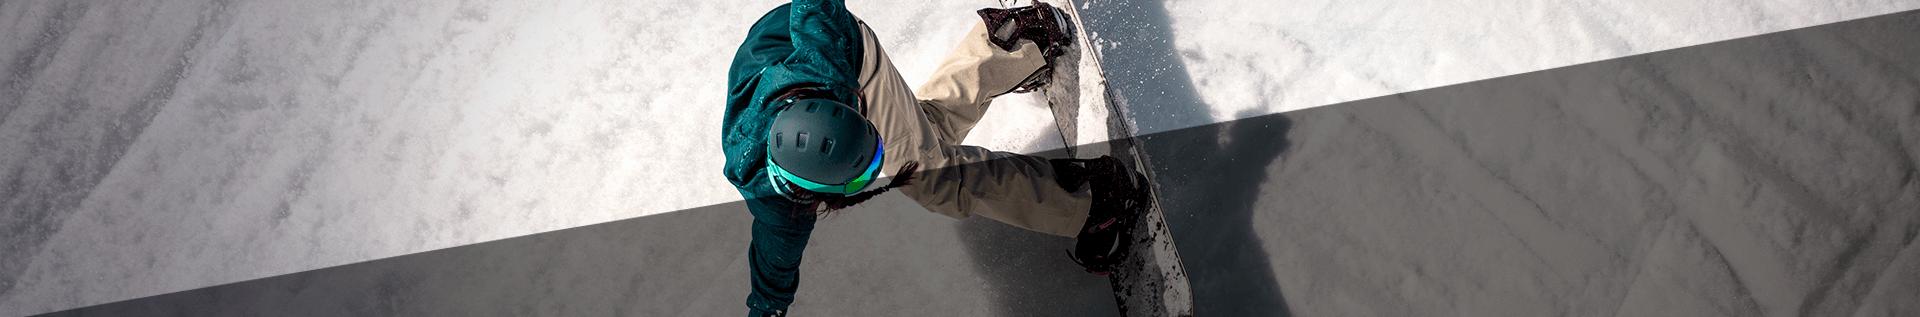 Захист і аксесуари для сноубордингу